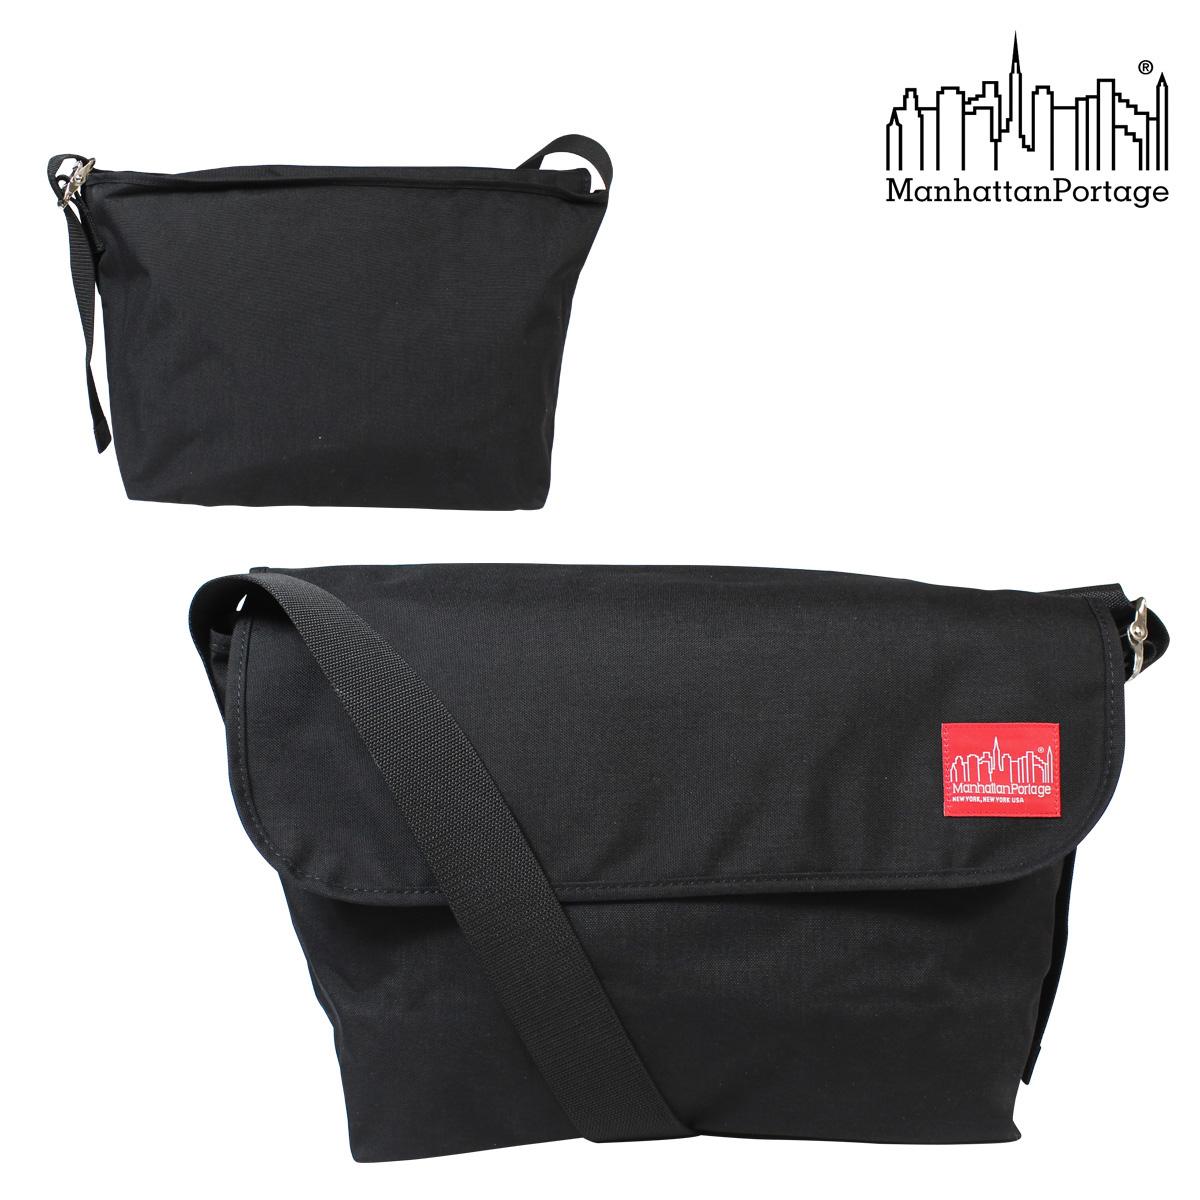 Manhattan Portage マンハッタンポーテージ メッセンジャーバッグ ショルダーバッグ 1607V メンズ レディース [187]